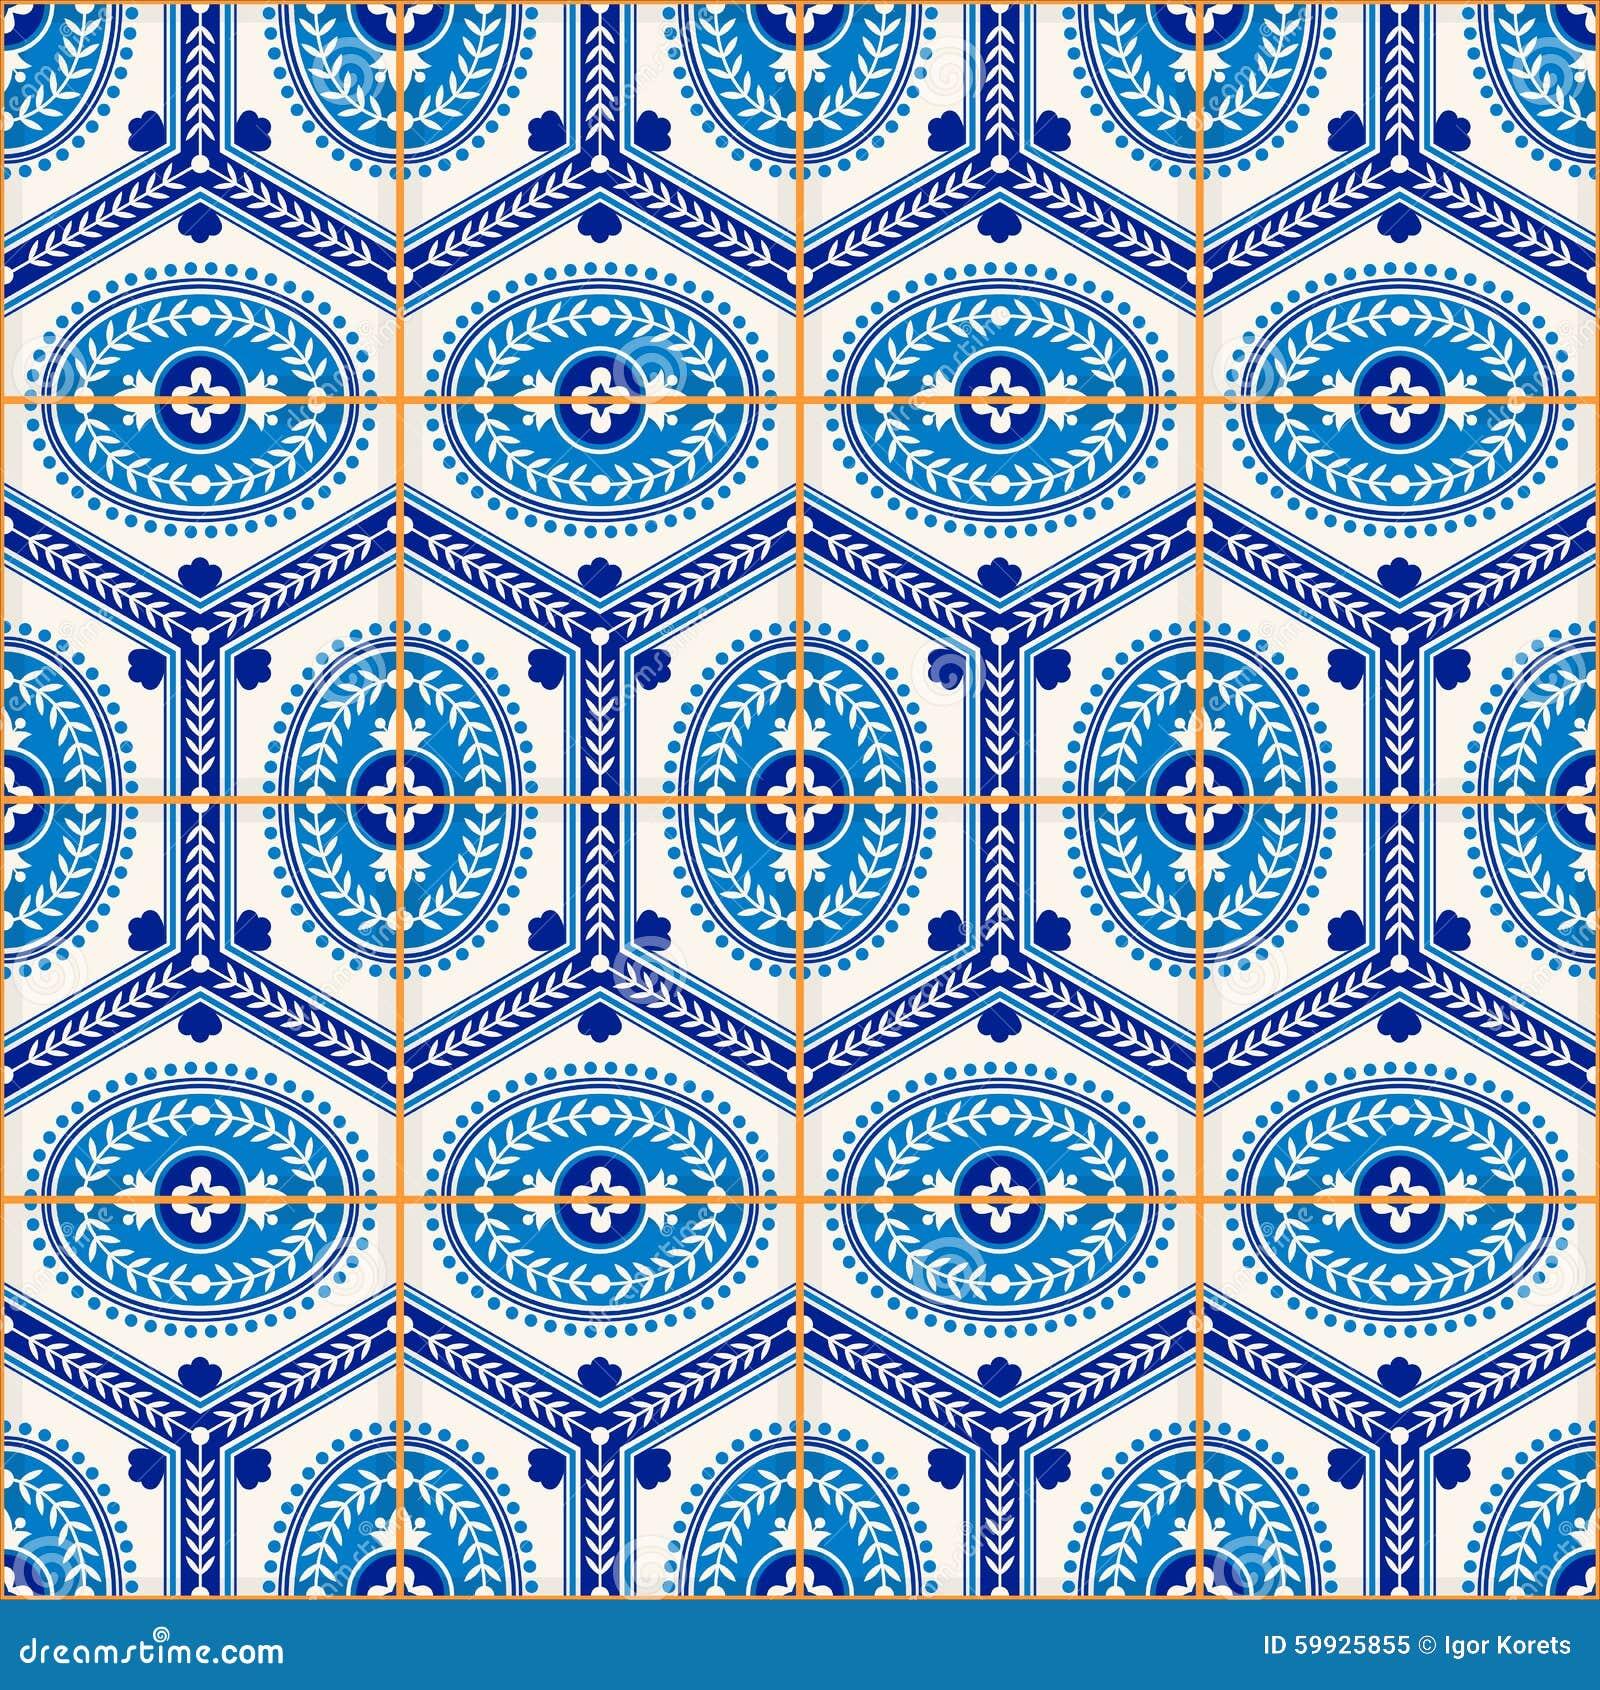 Modello senza cuciture splendido dalle mattonelle marocchine e portoghesi blu scuro e bianche, Azulejo, ornamenti